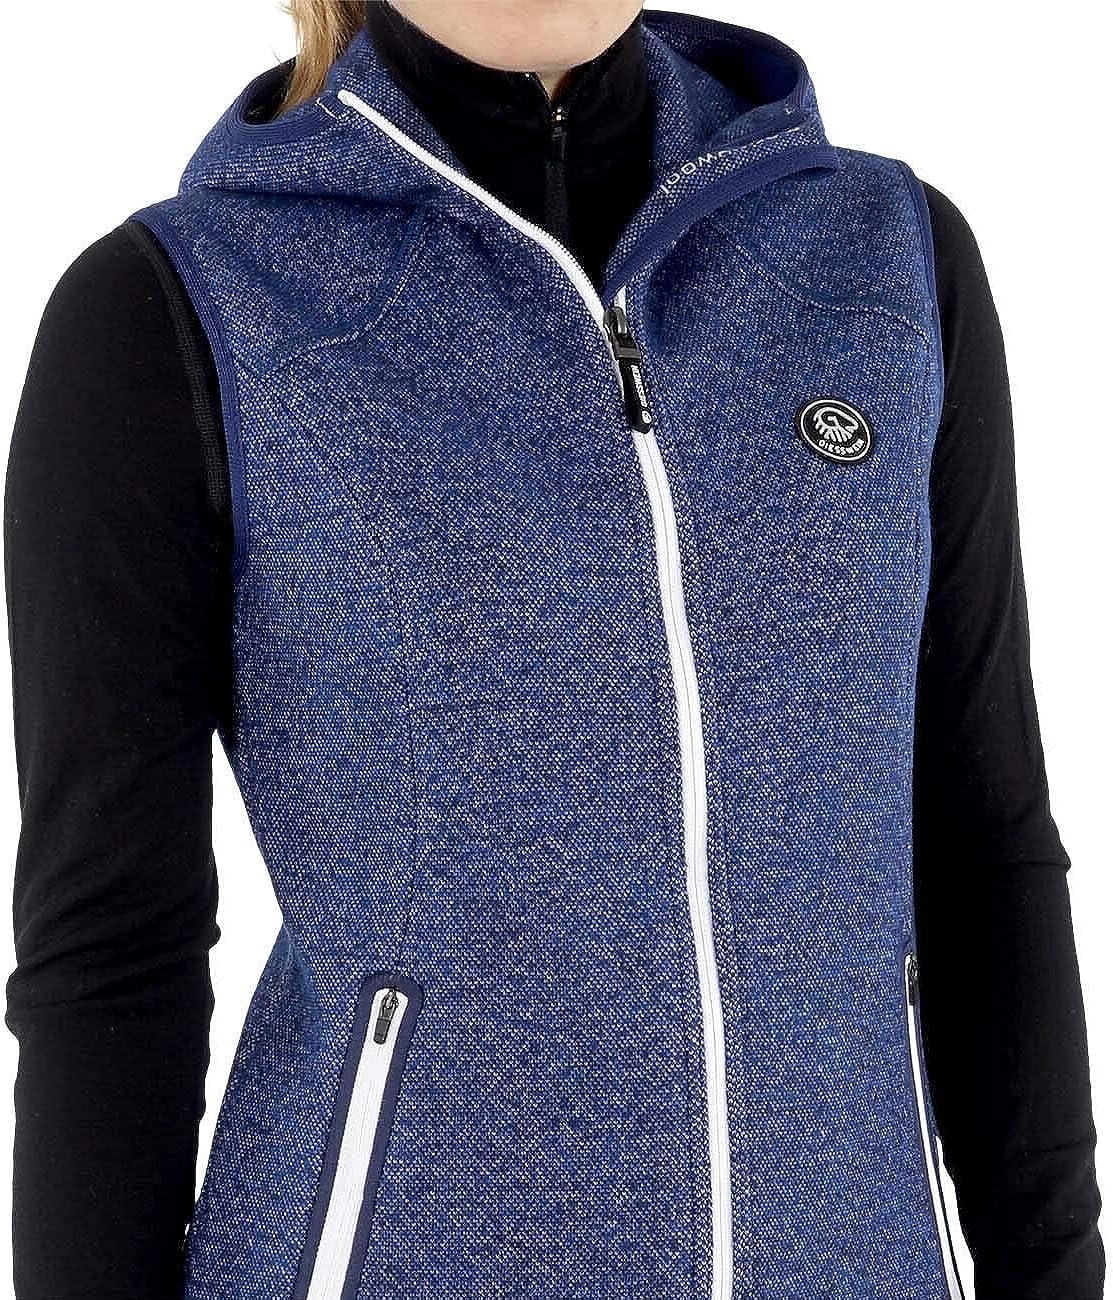 leichte Damen Jacke aus 100/% Merinowolle atmungsaktive Weste aus Merino Walk ohne /Ärmel Frauen Sport Jacke mit Kapuze Woll-Filz Gilet /ärmellos GIESSWEIN Merino Weste Stella